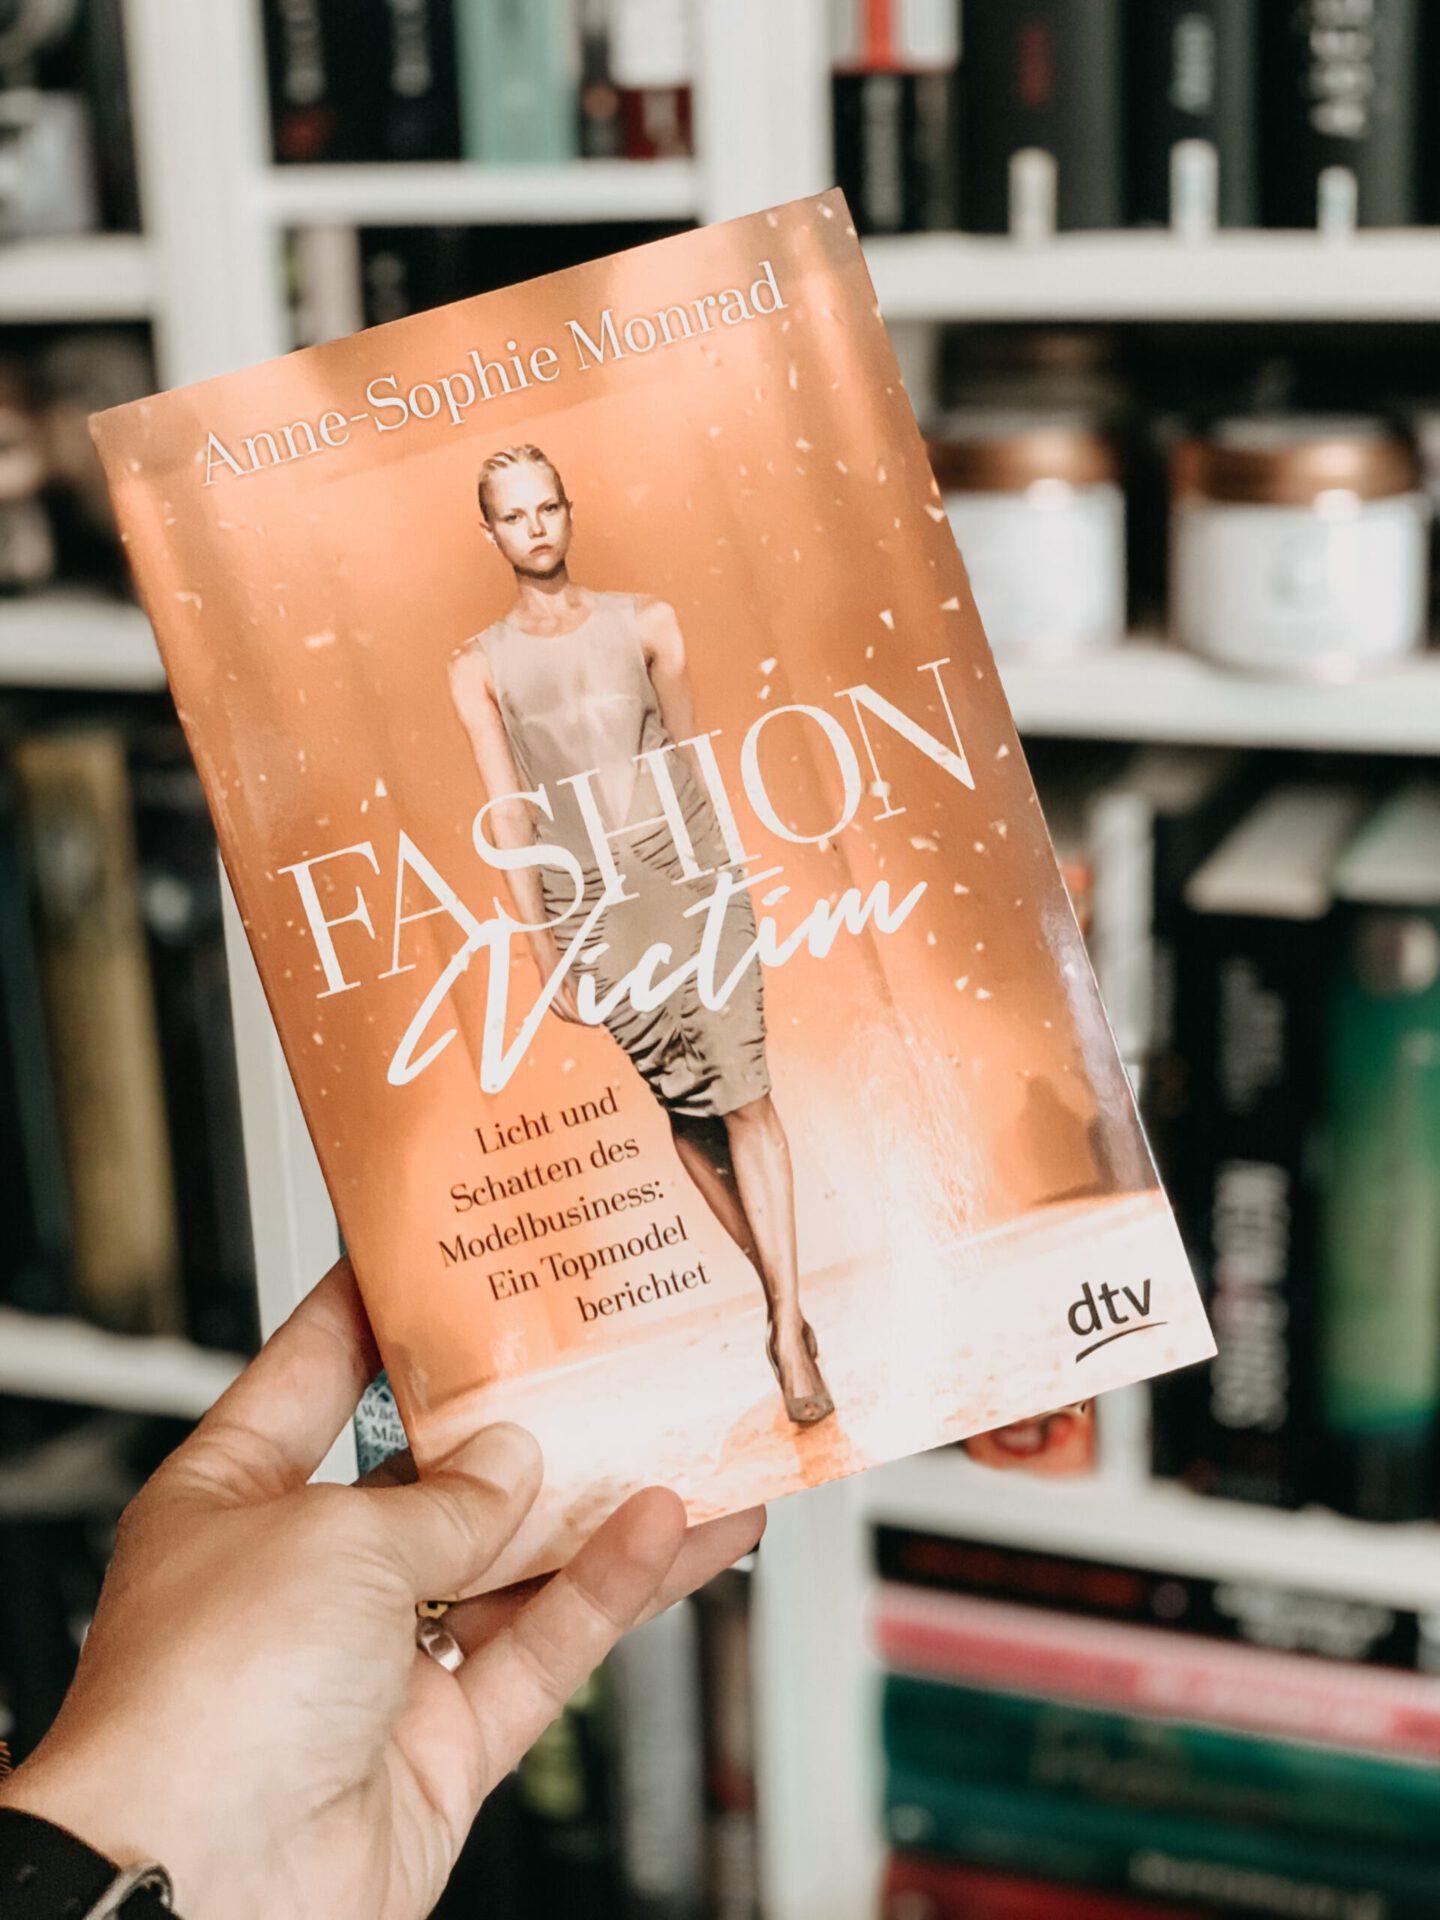 Rezension Anne-Sophie Monrad – Fashion Victim: Licht und Schatten des Modelbusiness